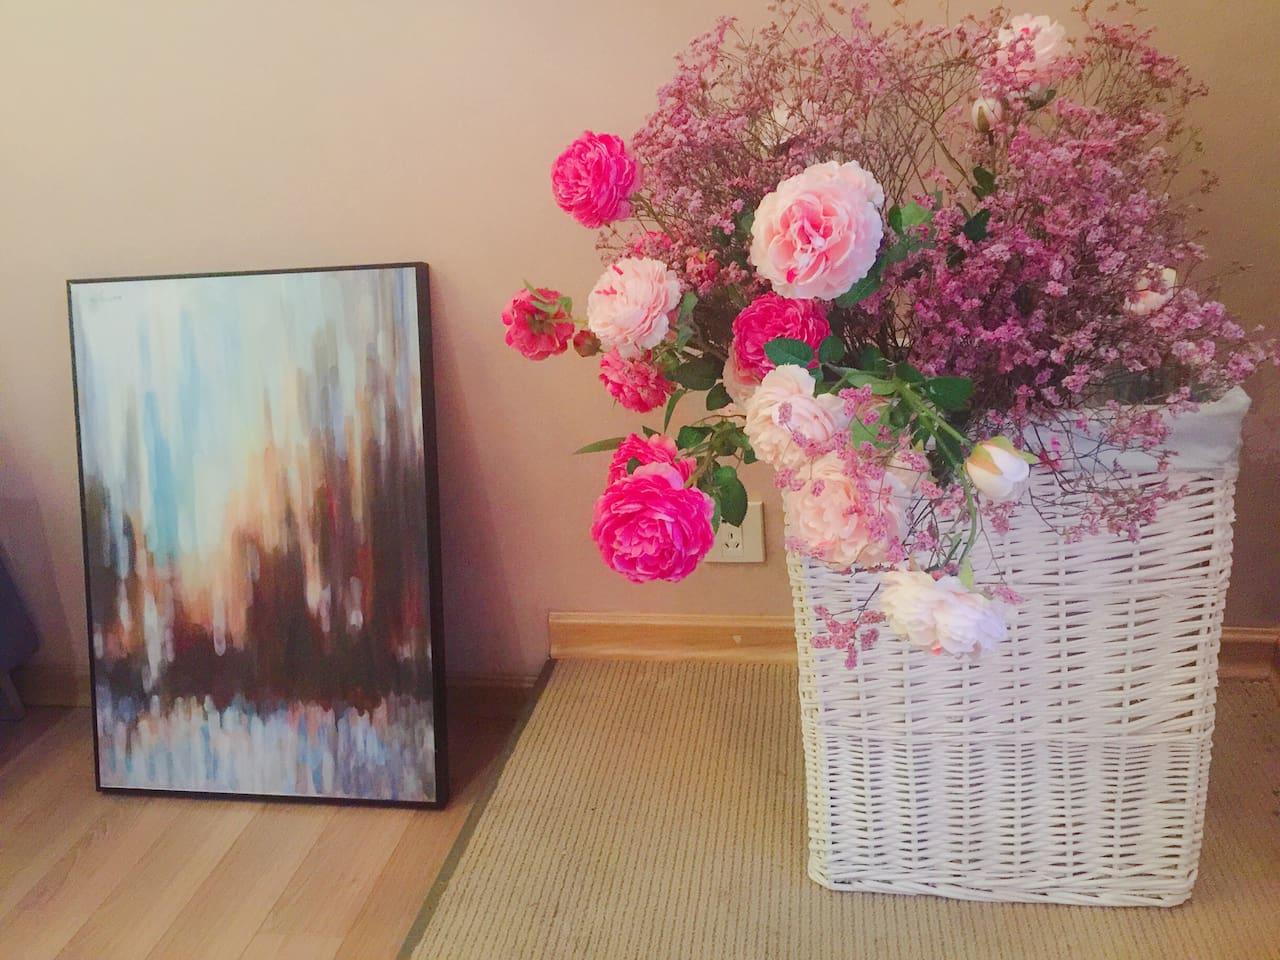 美丽的鲜花和淡淡的花香开启浪漫之旅!